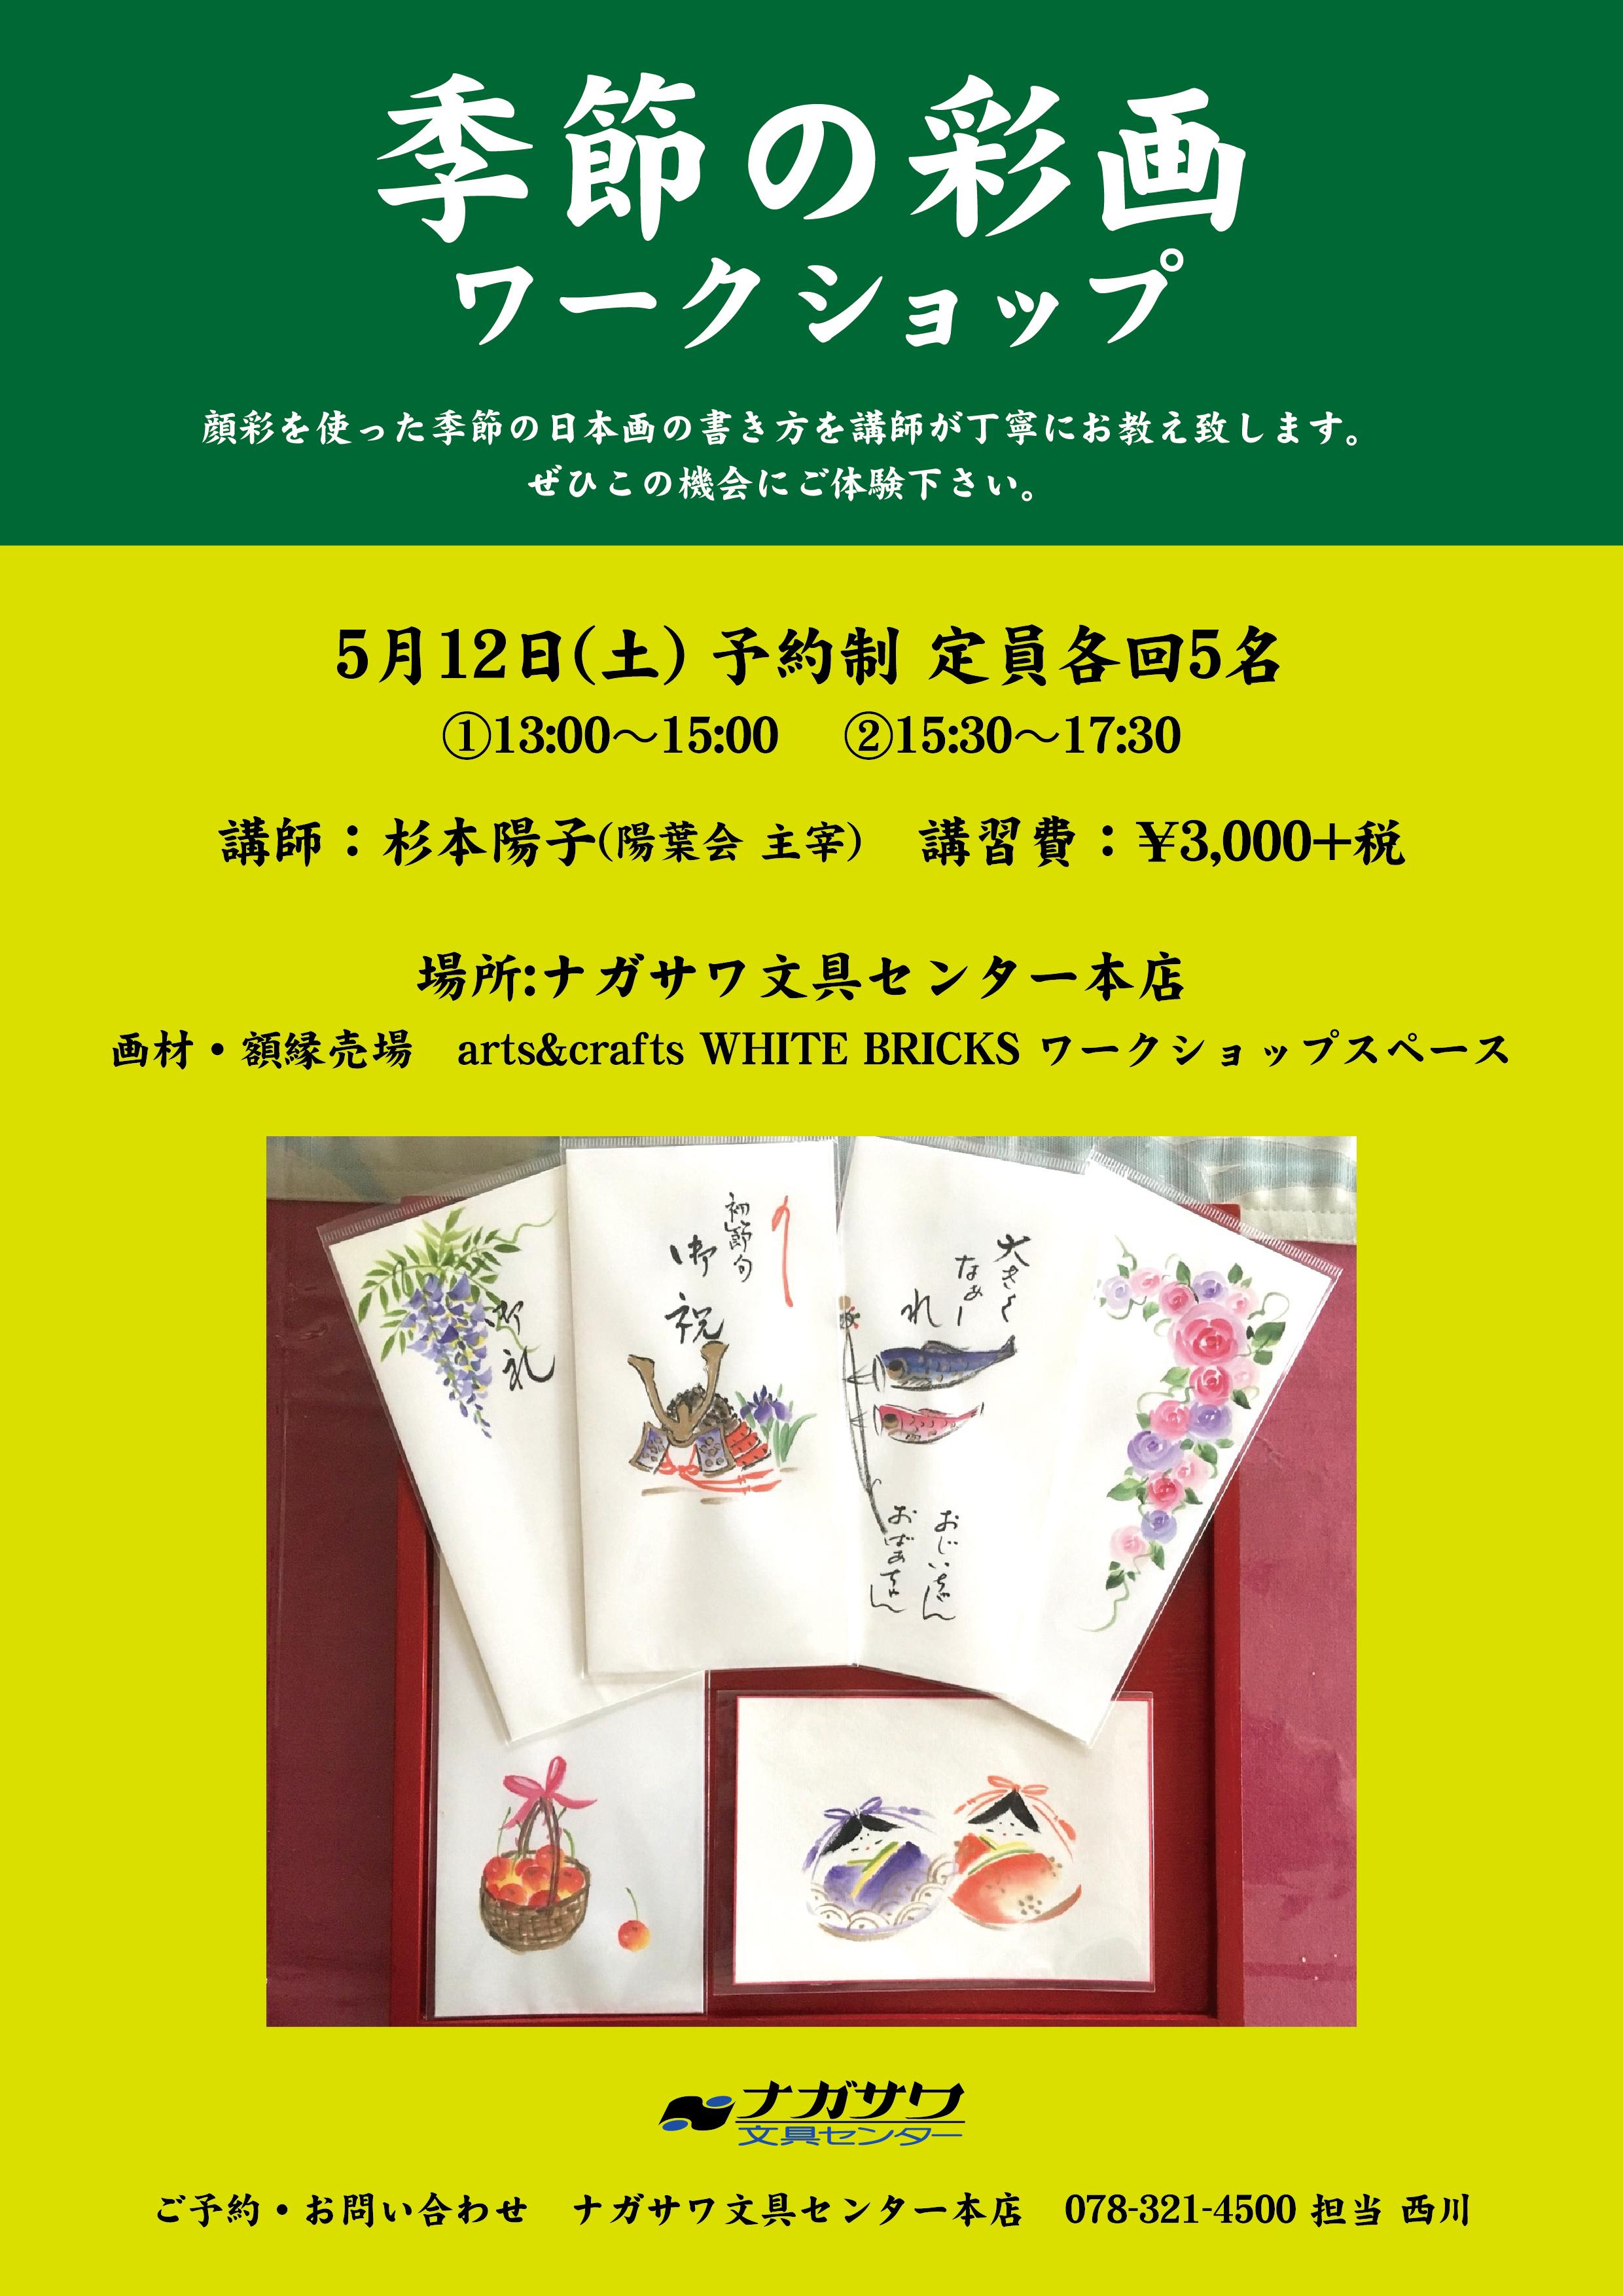 顔彩を使って季節の花を描きませんか?日本画の描き方丁寧にお教えいたします!